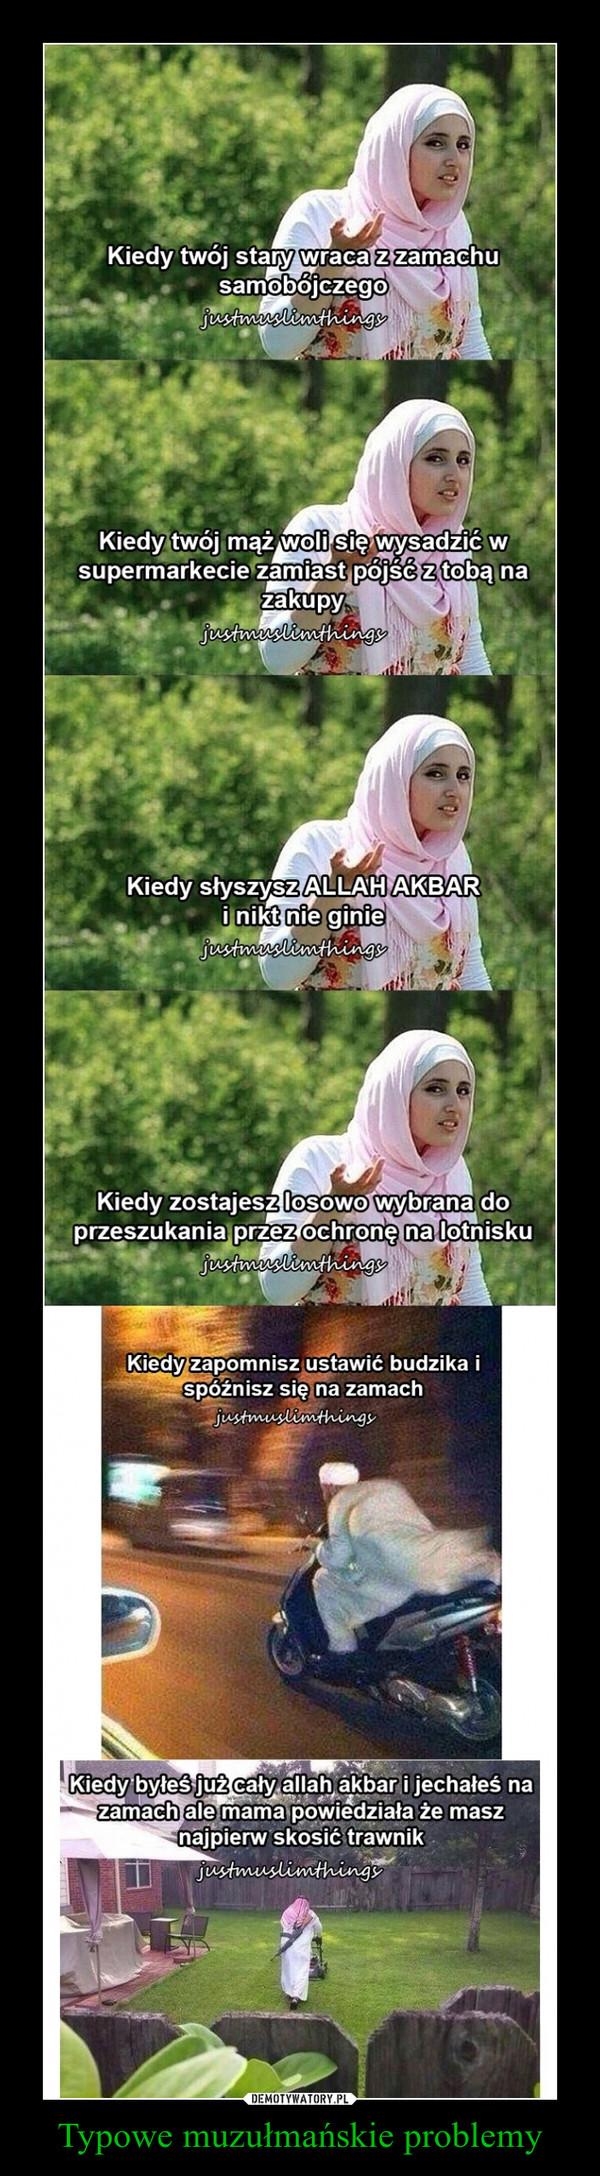 Typowe muzułmańskie problemy –